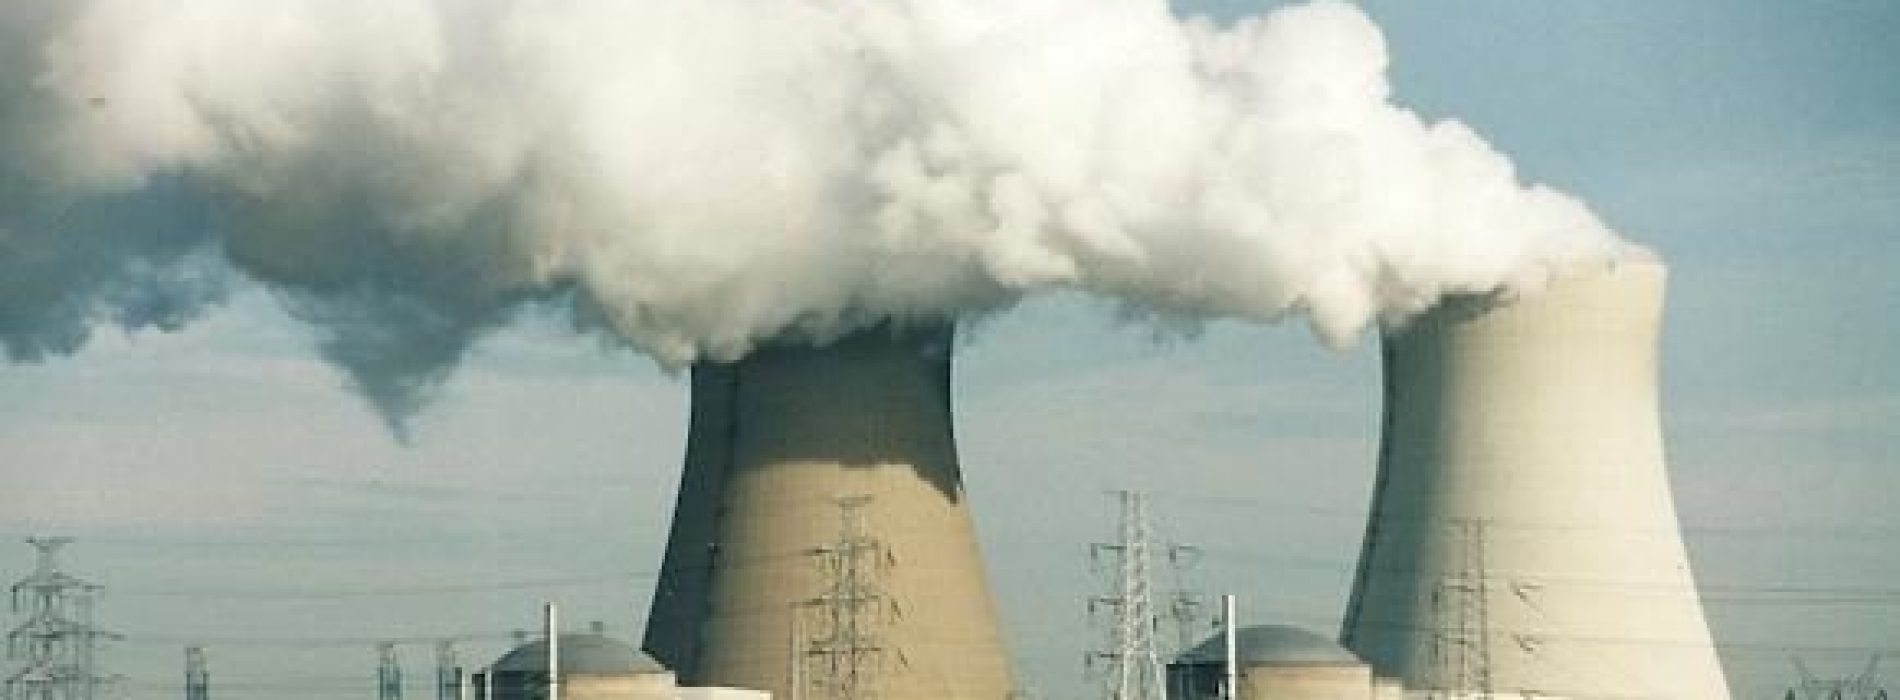 Ghana, un gigawatt di energia nucleare entro il 2030